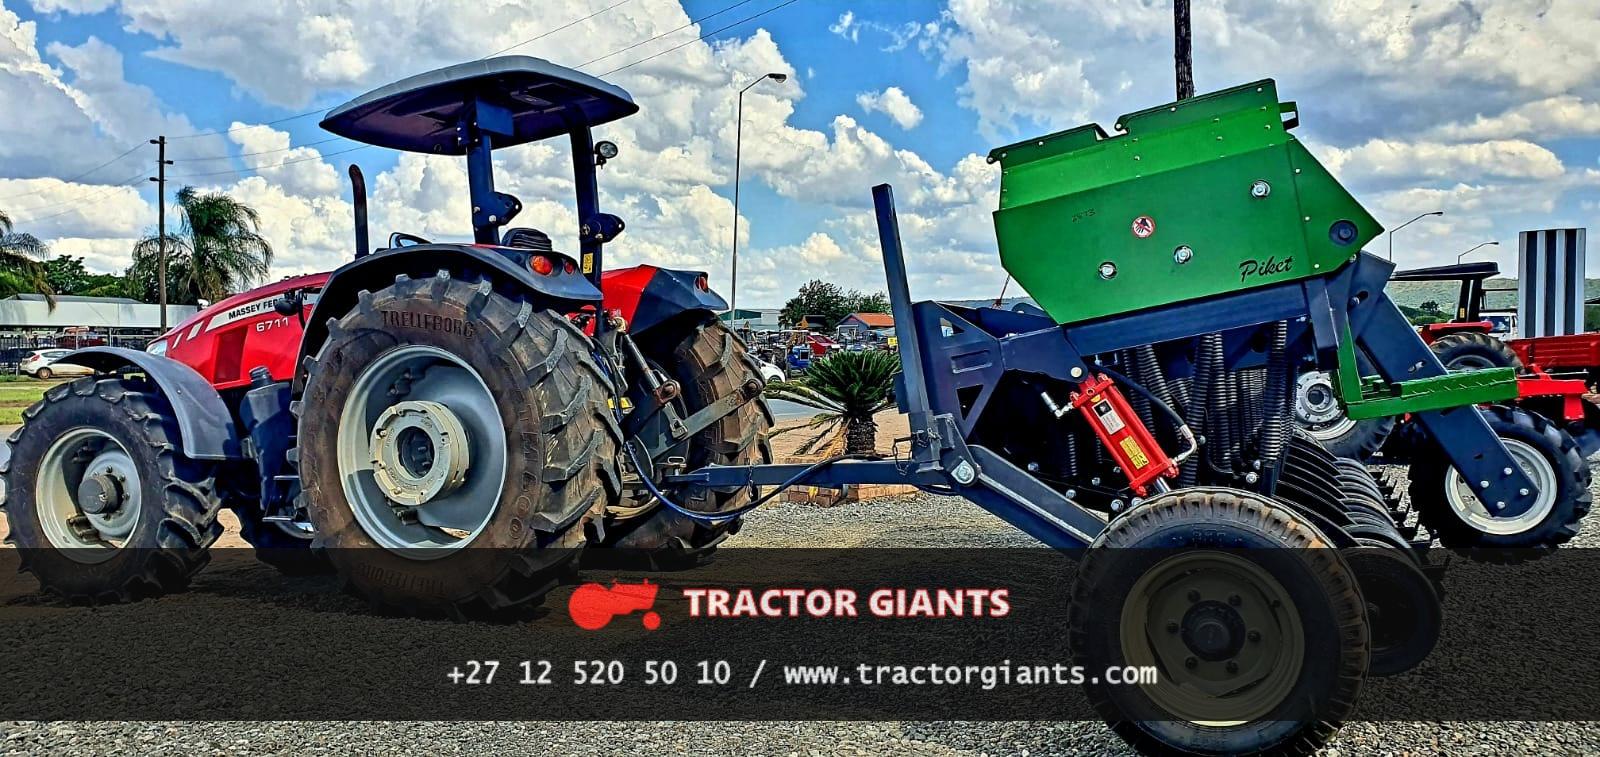 Massey Ferguson Tractors - Tractors for sale